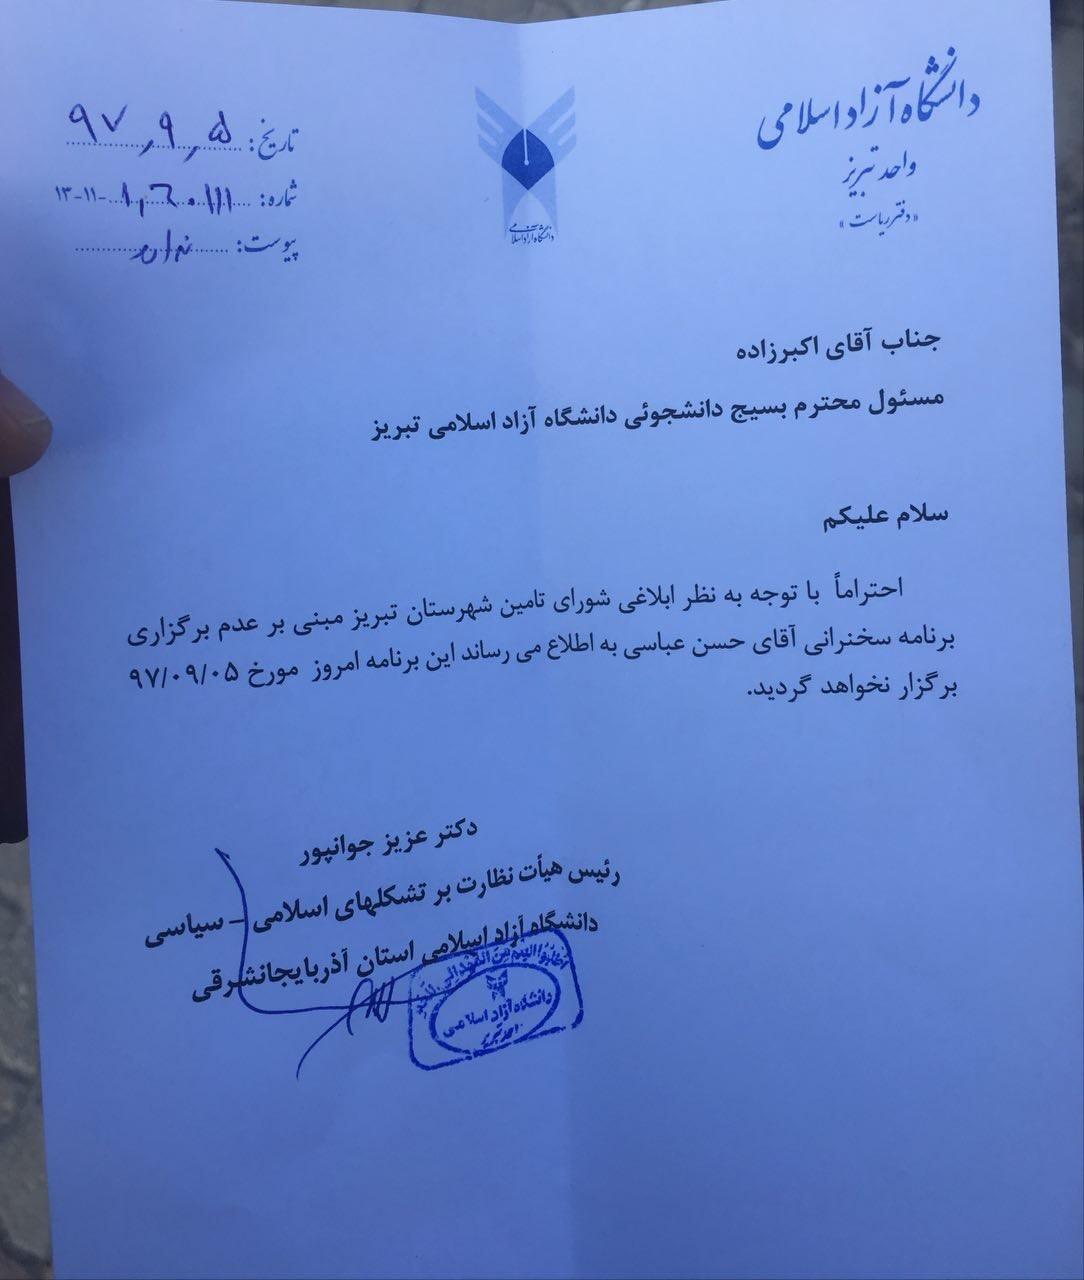 سخنرانی حسن عباسی در دانشگاه آزاد تبریز نیز لغو شد+ سند